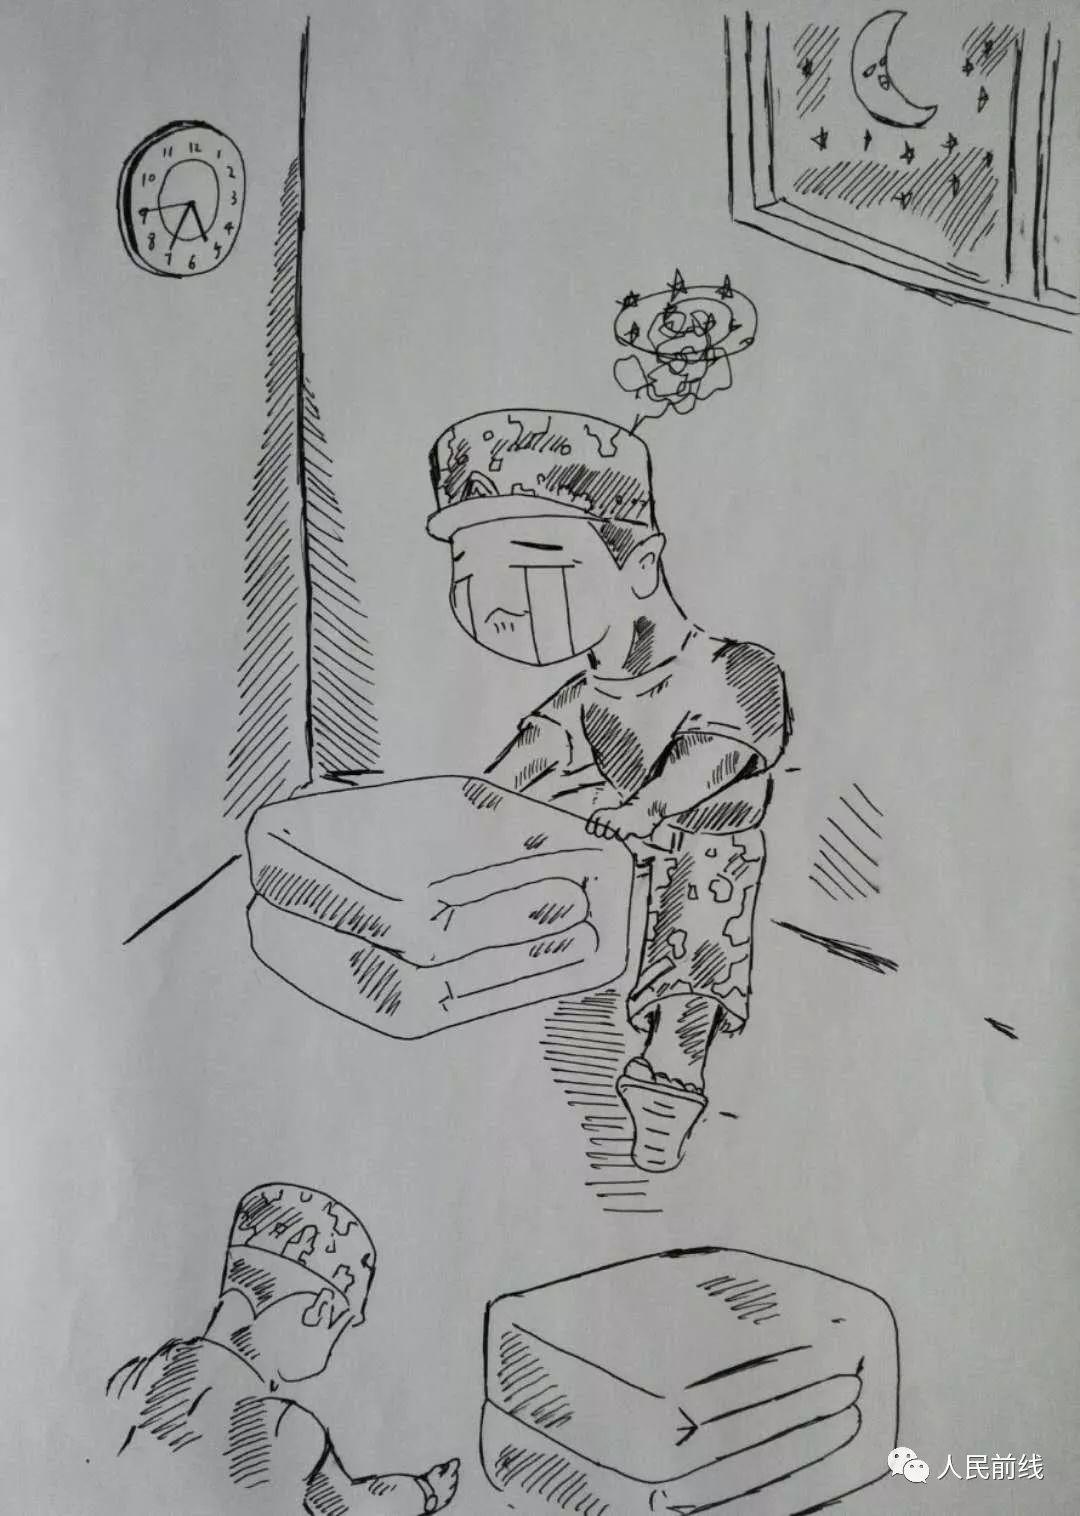 「萌漫」不服不行!这些新兵款手绘漫画太萌了